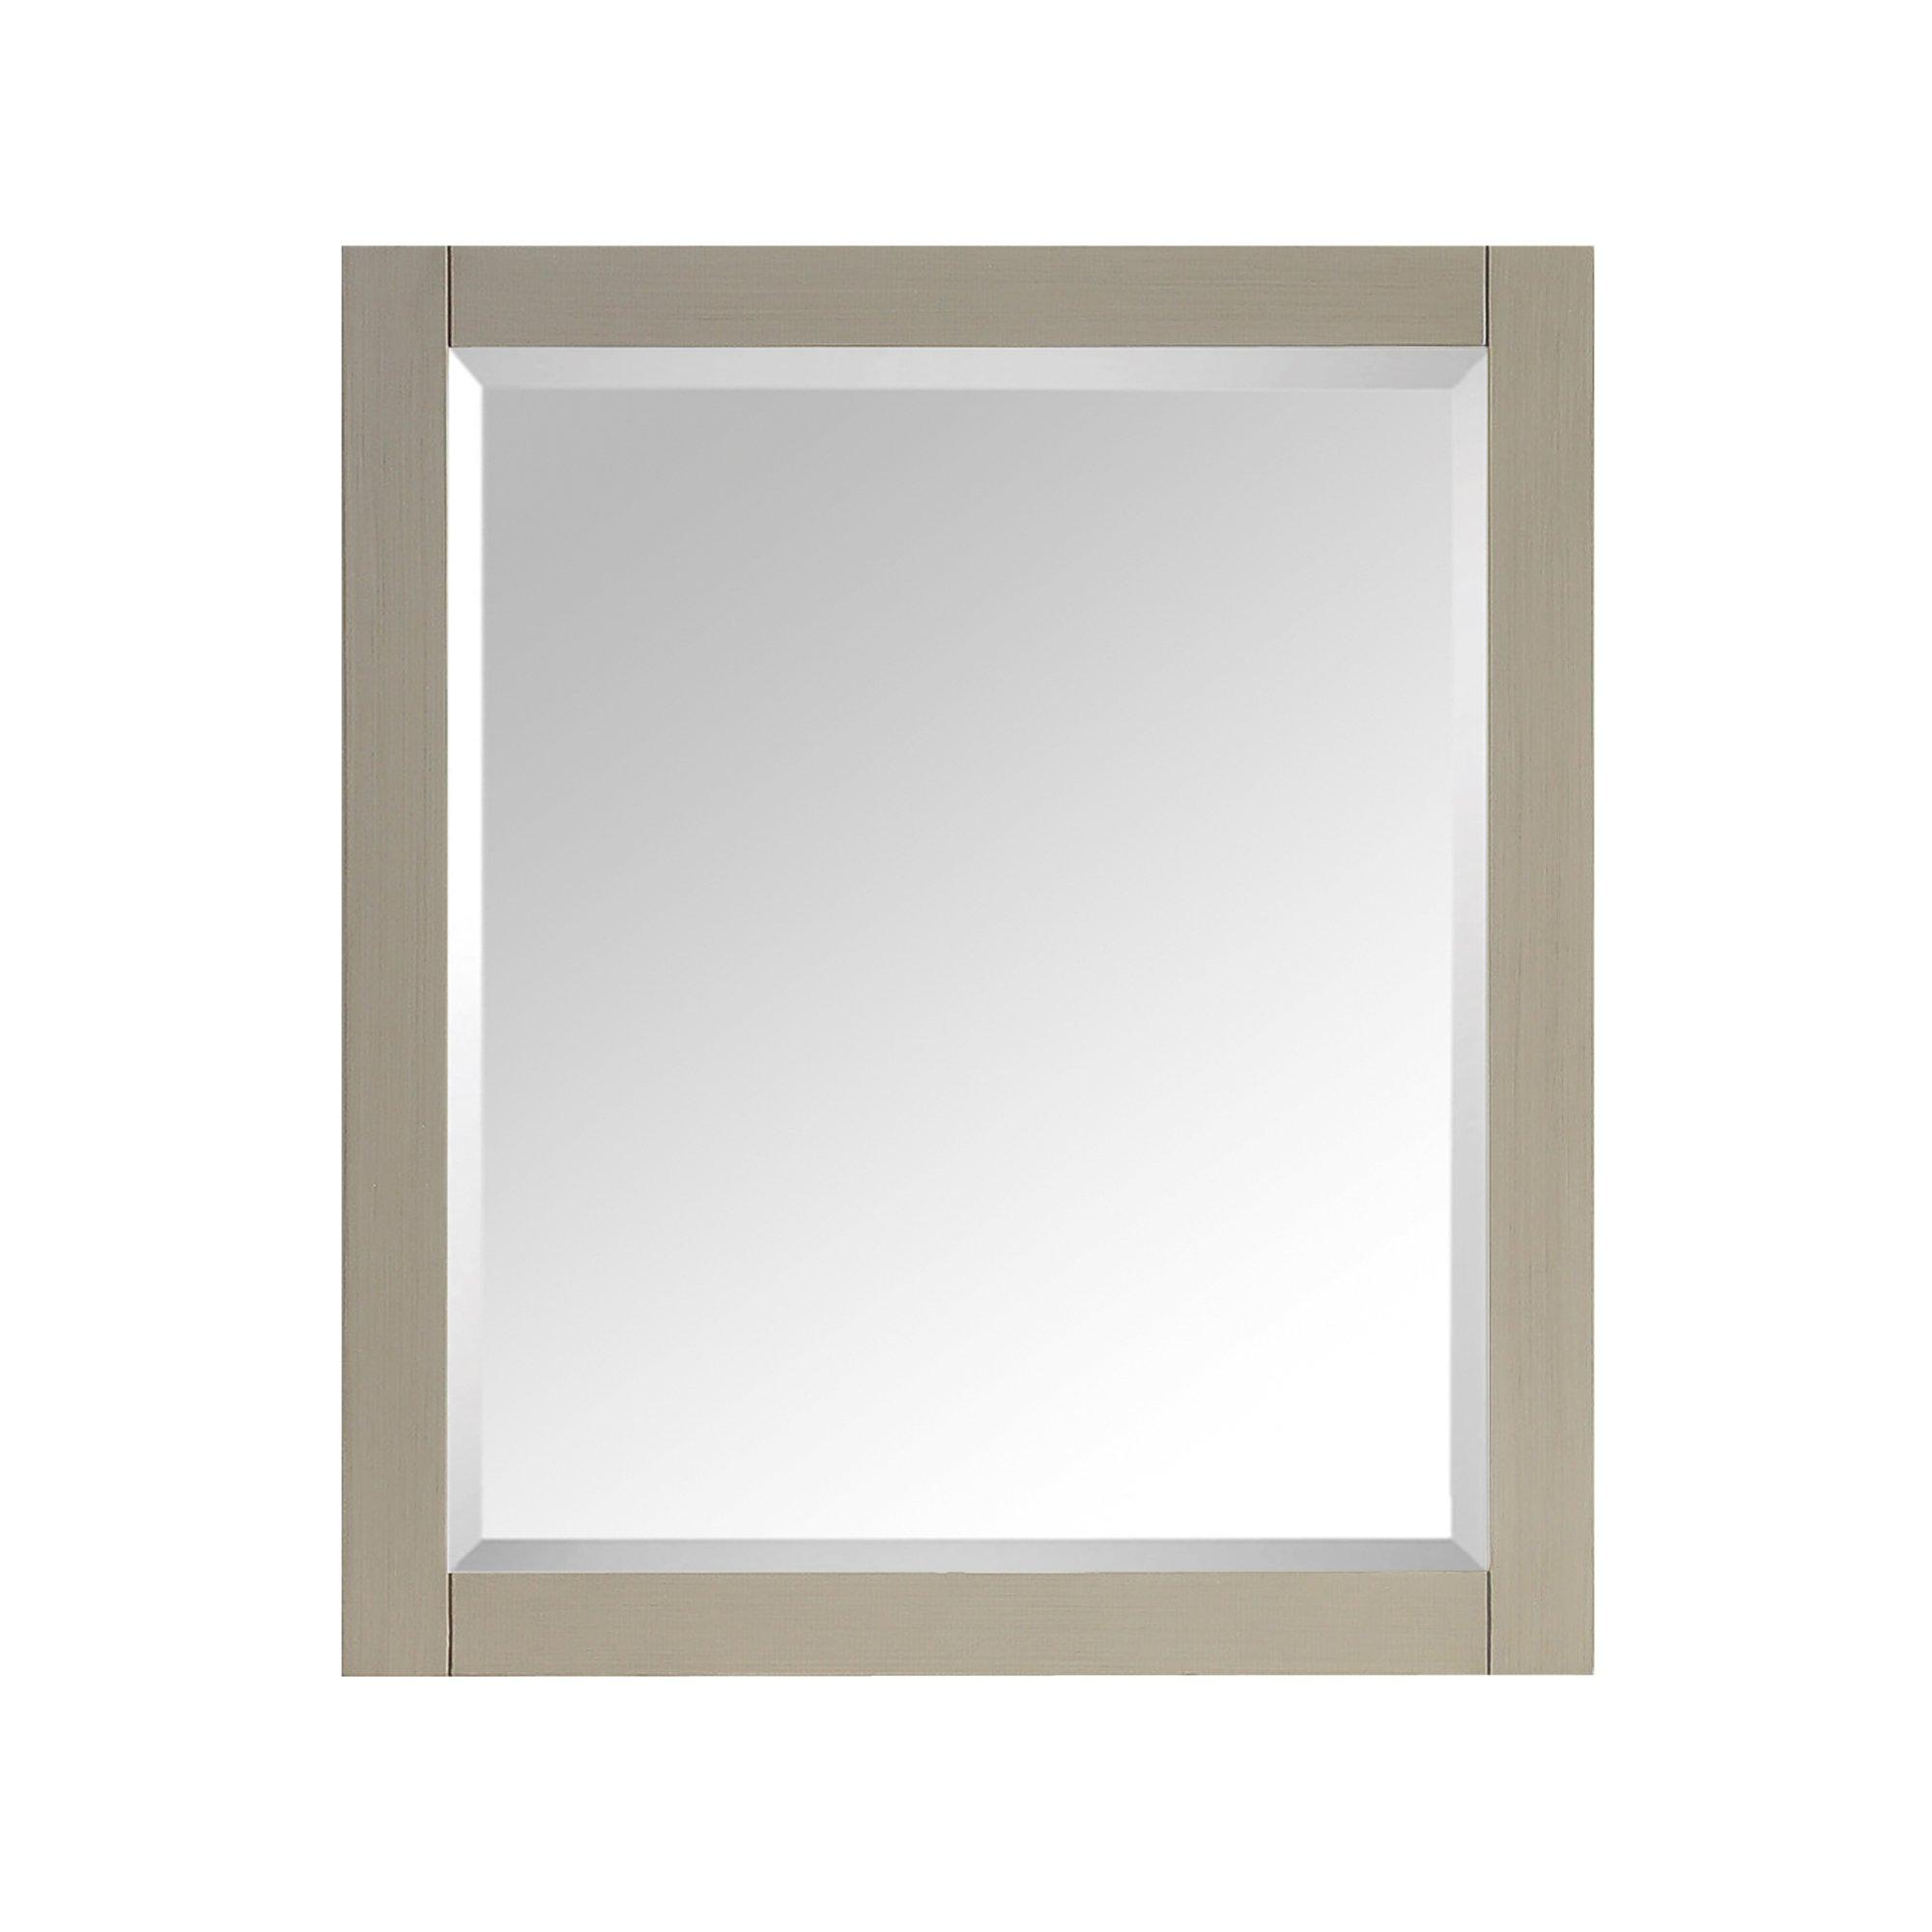 Avanity 28 in. Mirror for Delano in Taupe Glaze finish